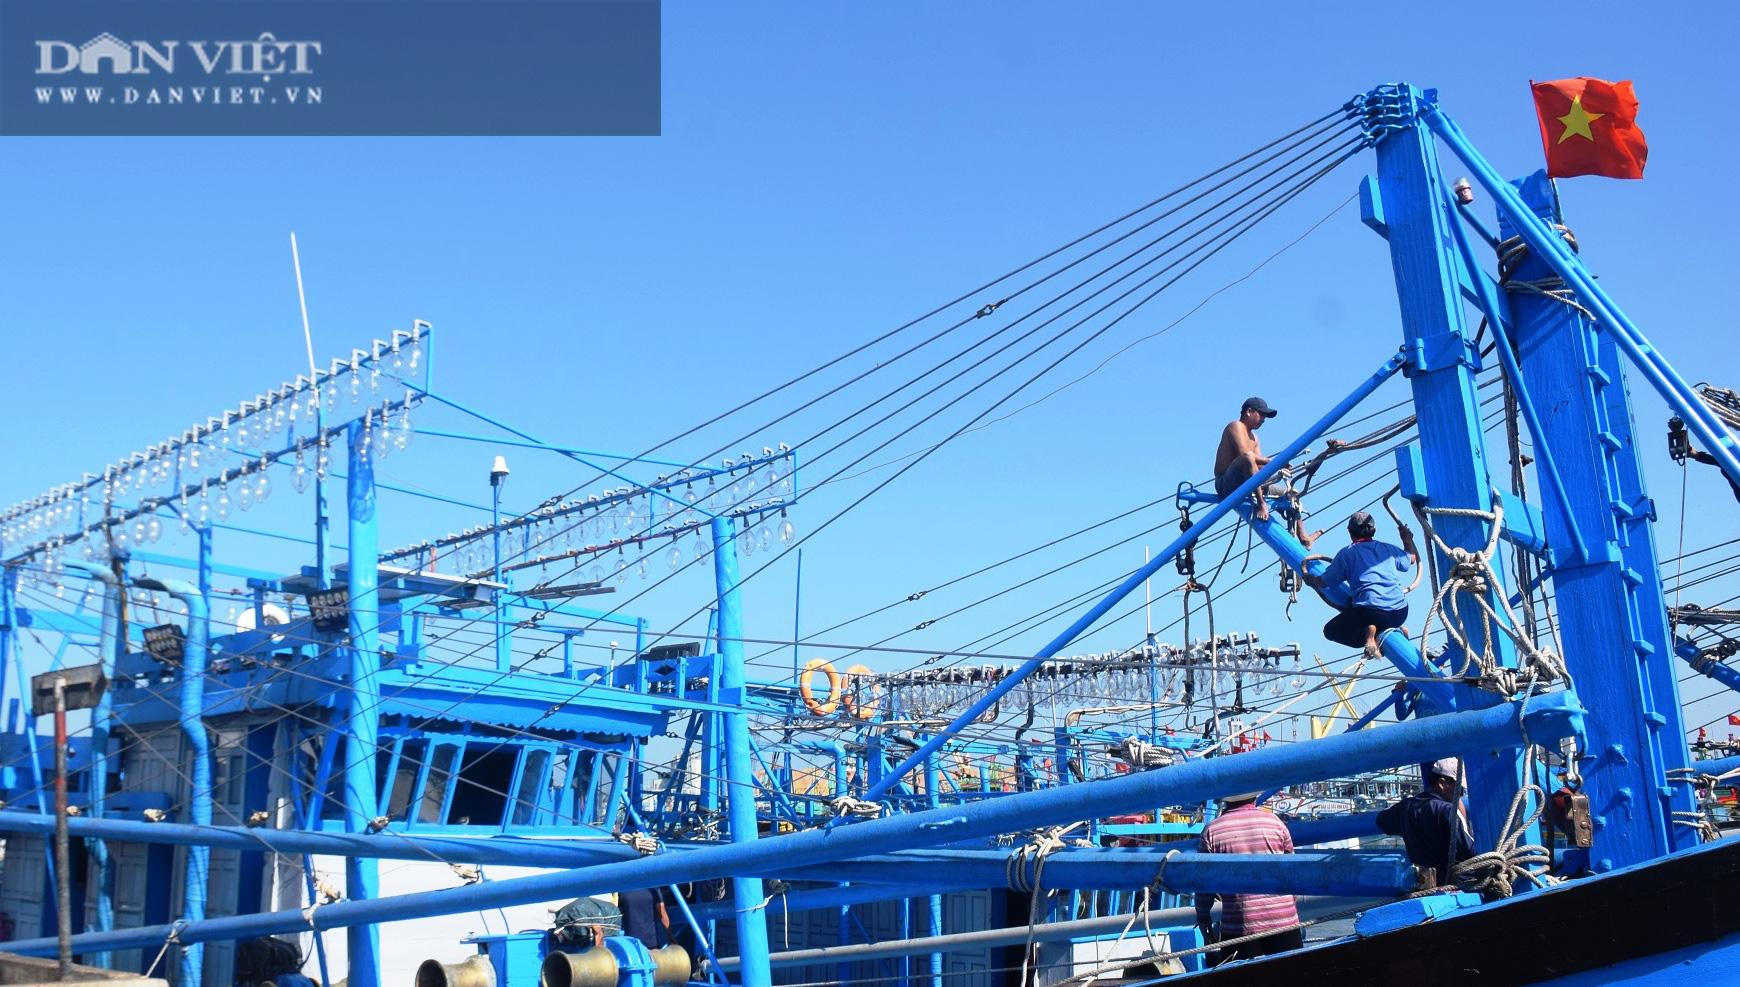 Ngư dân Bình Định đồng loạt xuất chuyến biển đầu năm - Ảnh 1.